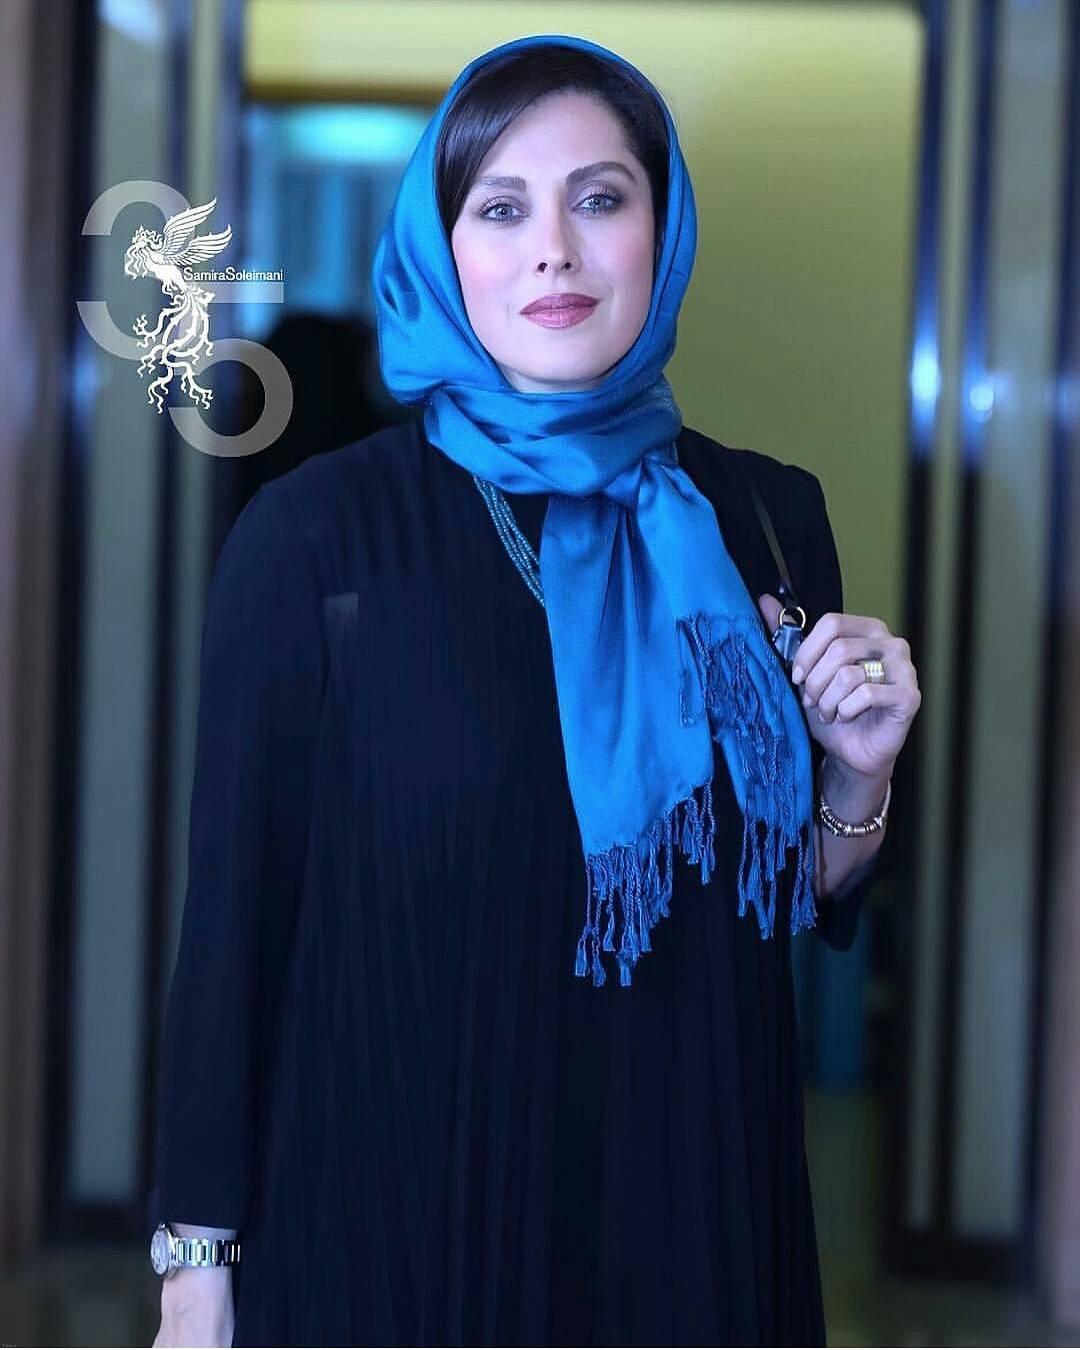 تصاویری از پوشش هایی بازیگران مشهور در جشنواره فیلم فجر